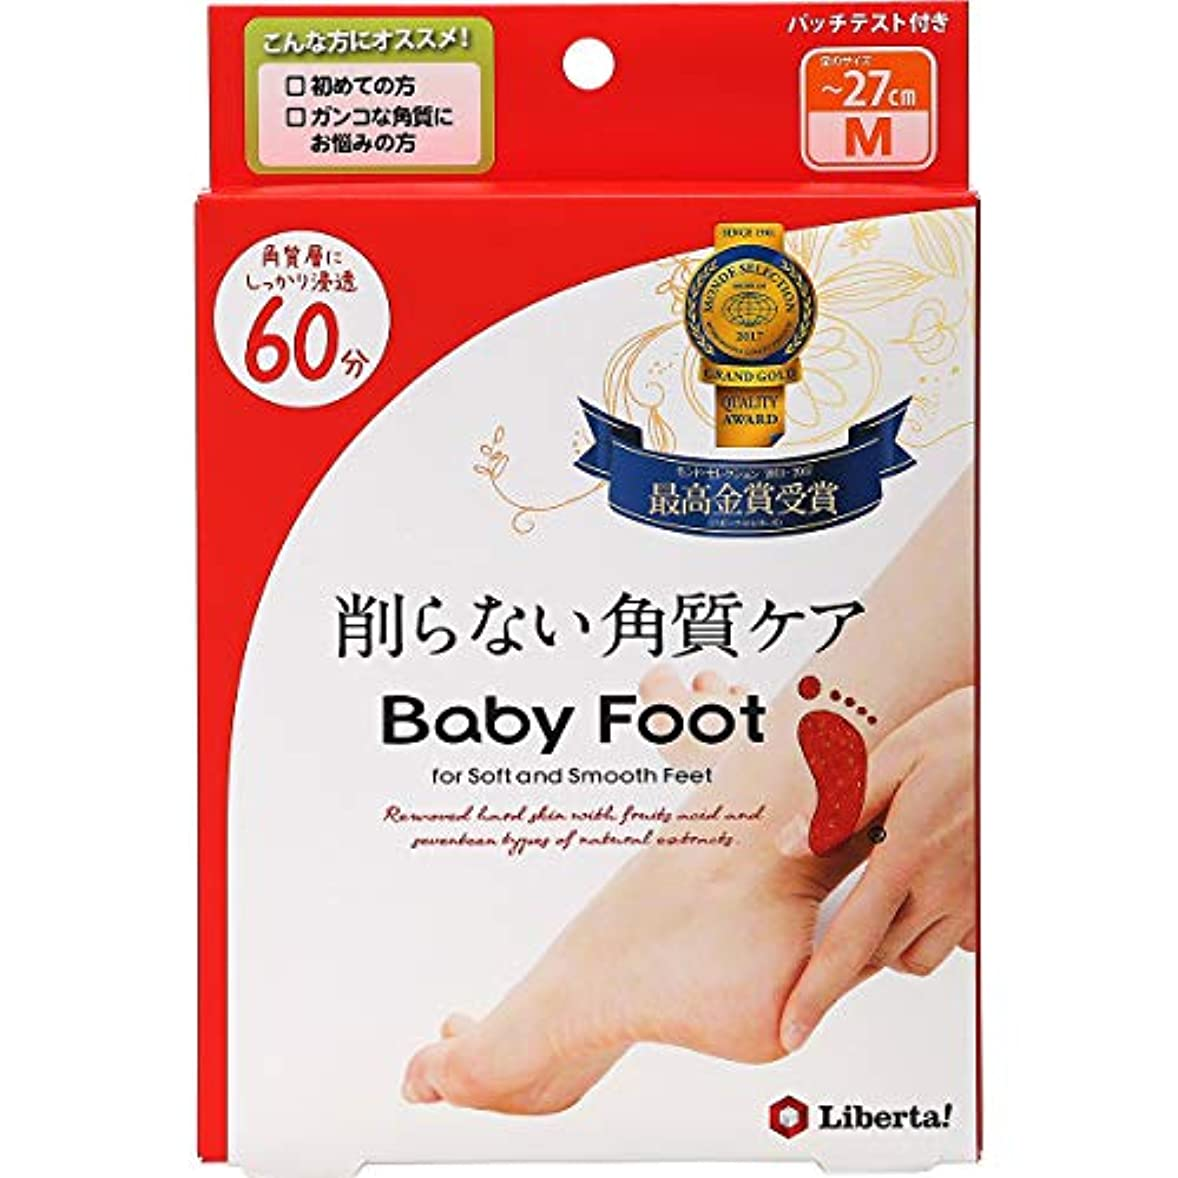 予備発動機バックベビーフット (Baby Foot) ベビーフット イージーパック SPT60分タイプ Mサイズ 単品